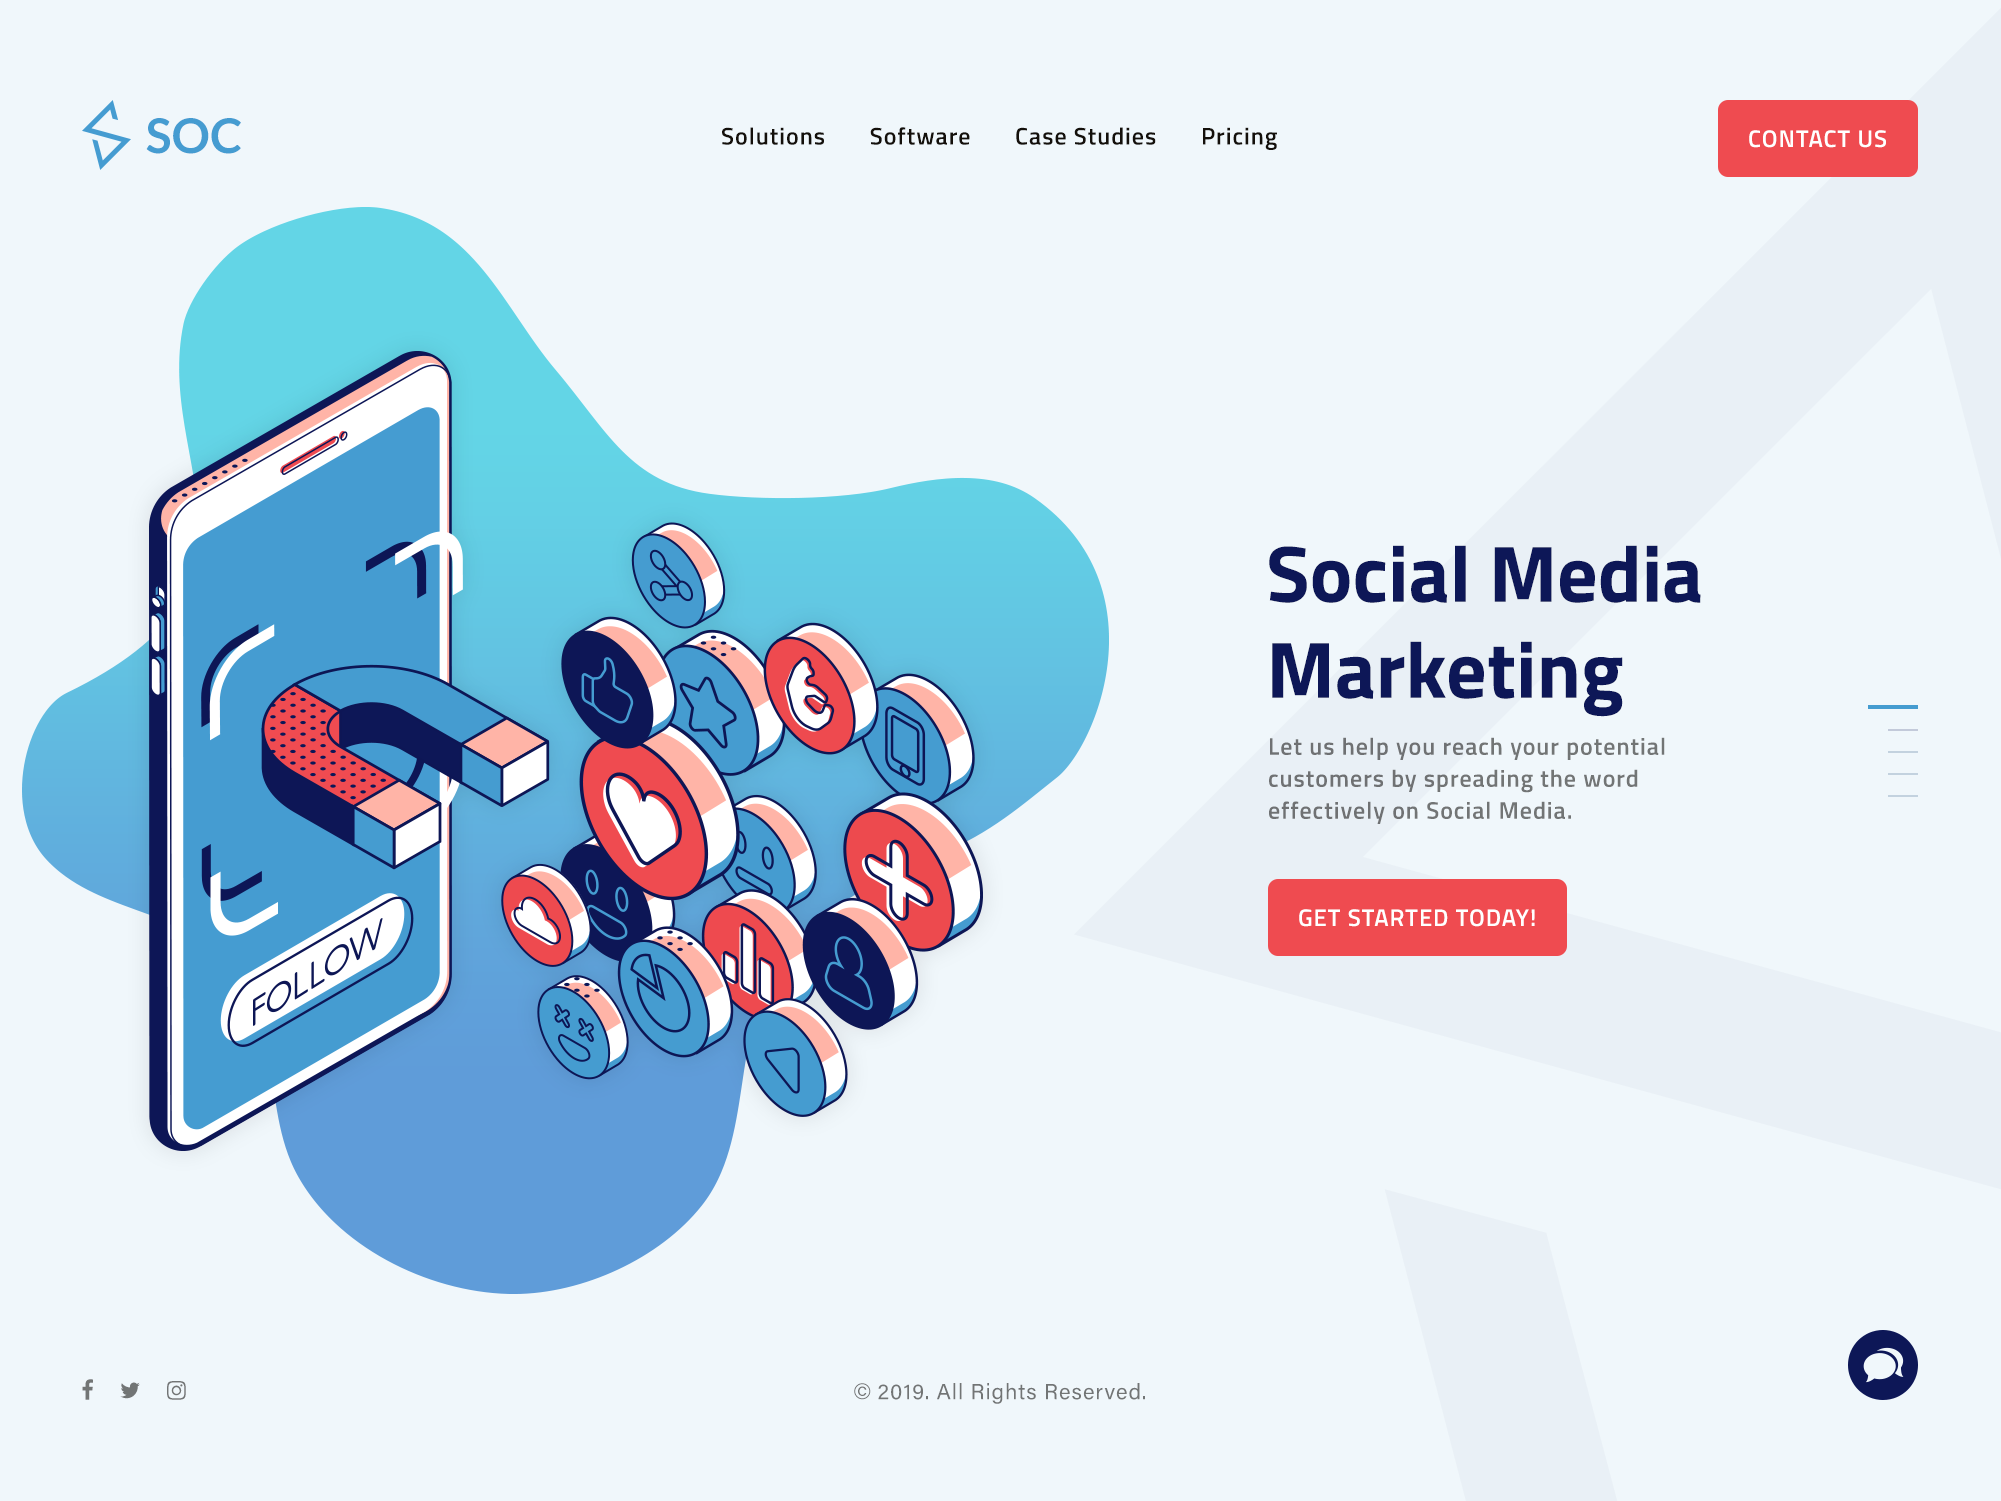 Social Media Marketing Agency Website Marketing Agency Website Social Media Marketing Agency Marketing Agency